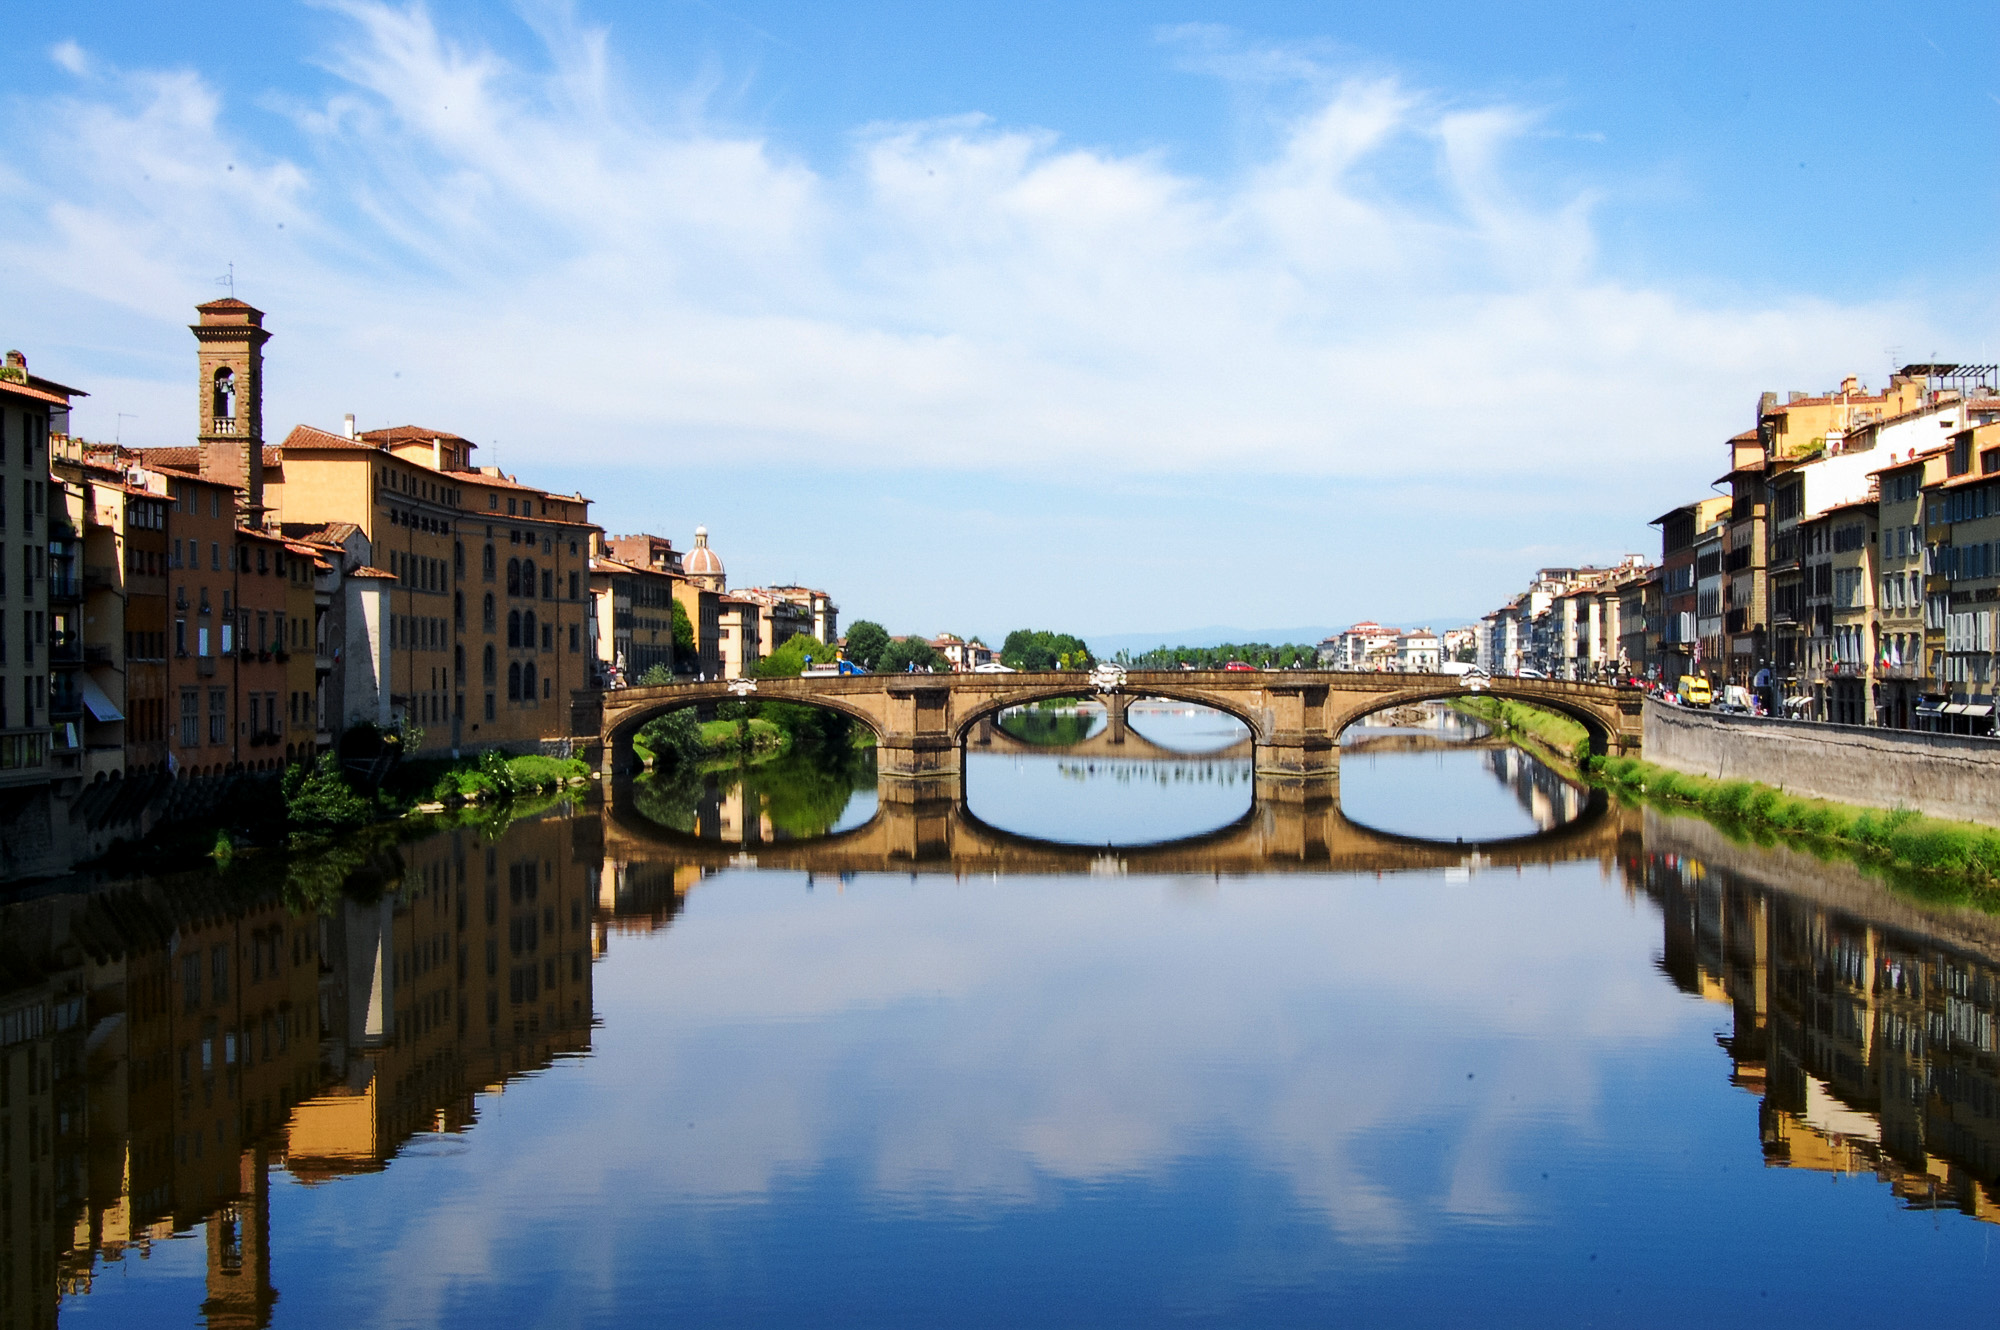 florença - italia - toscana - rio arno